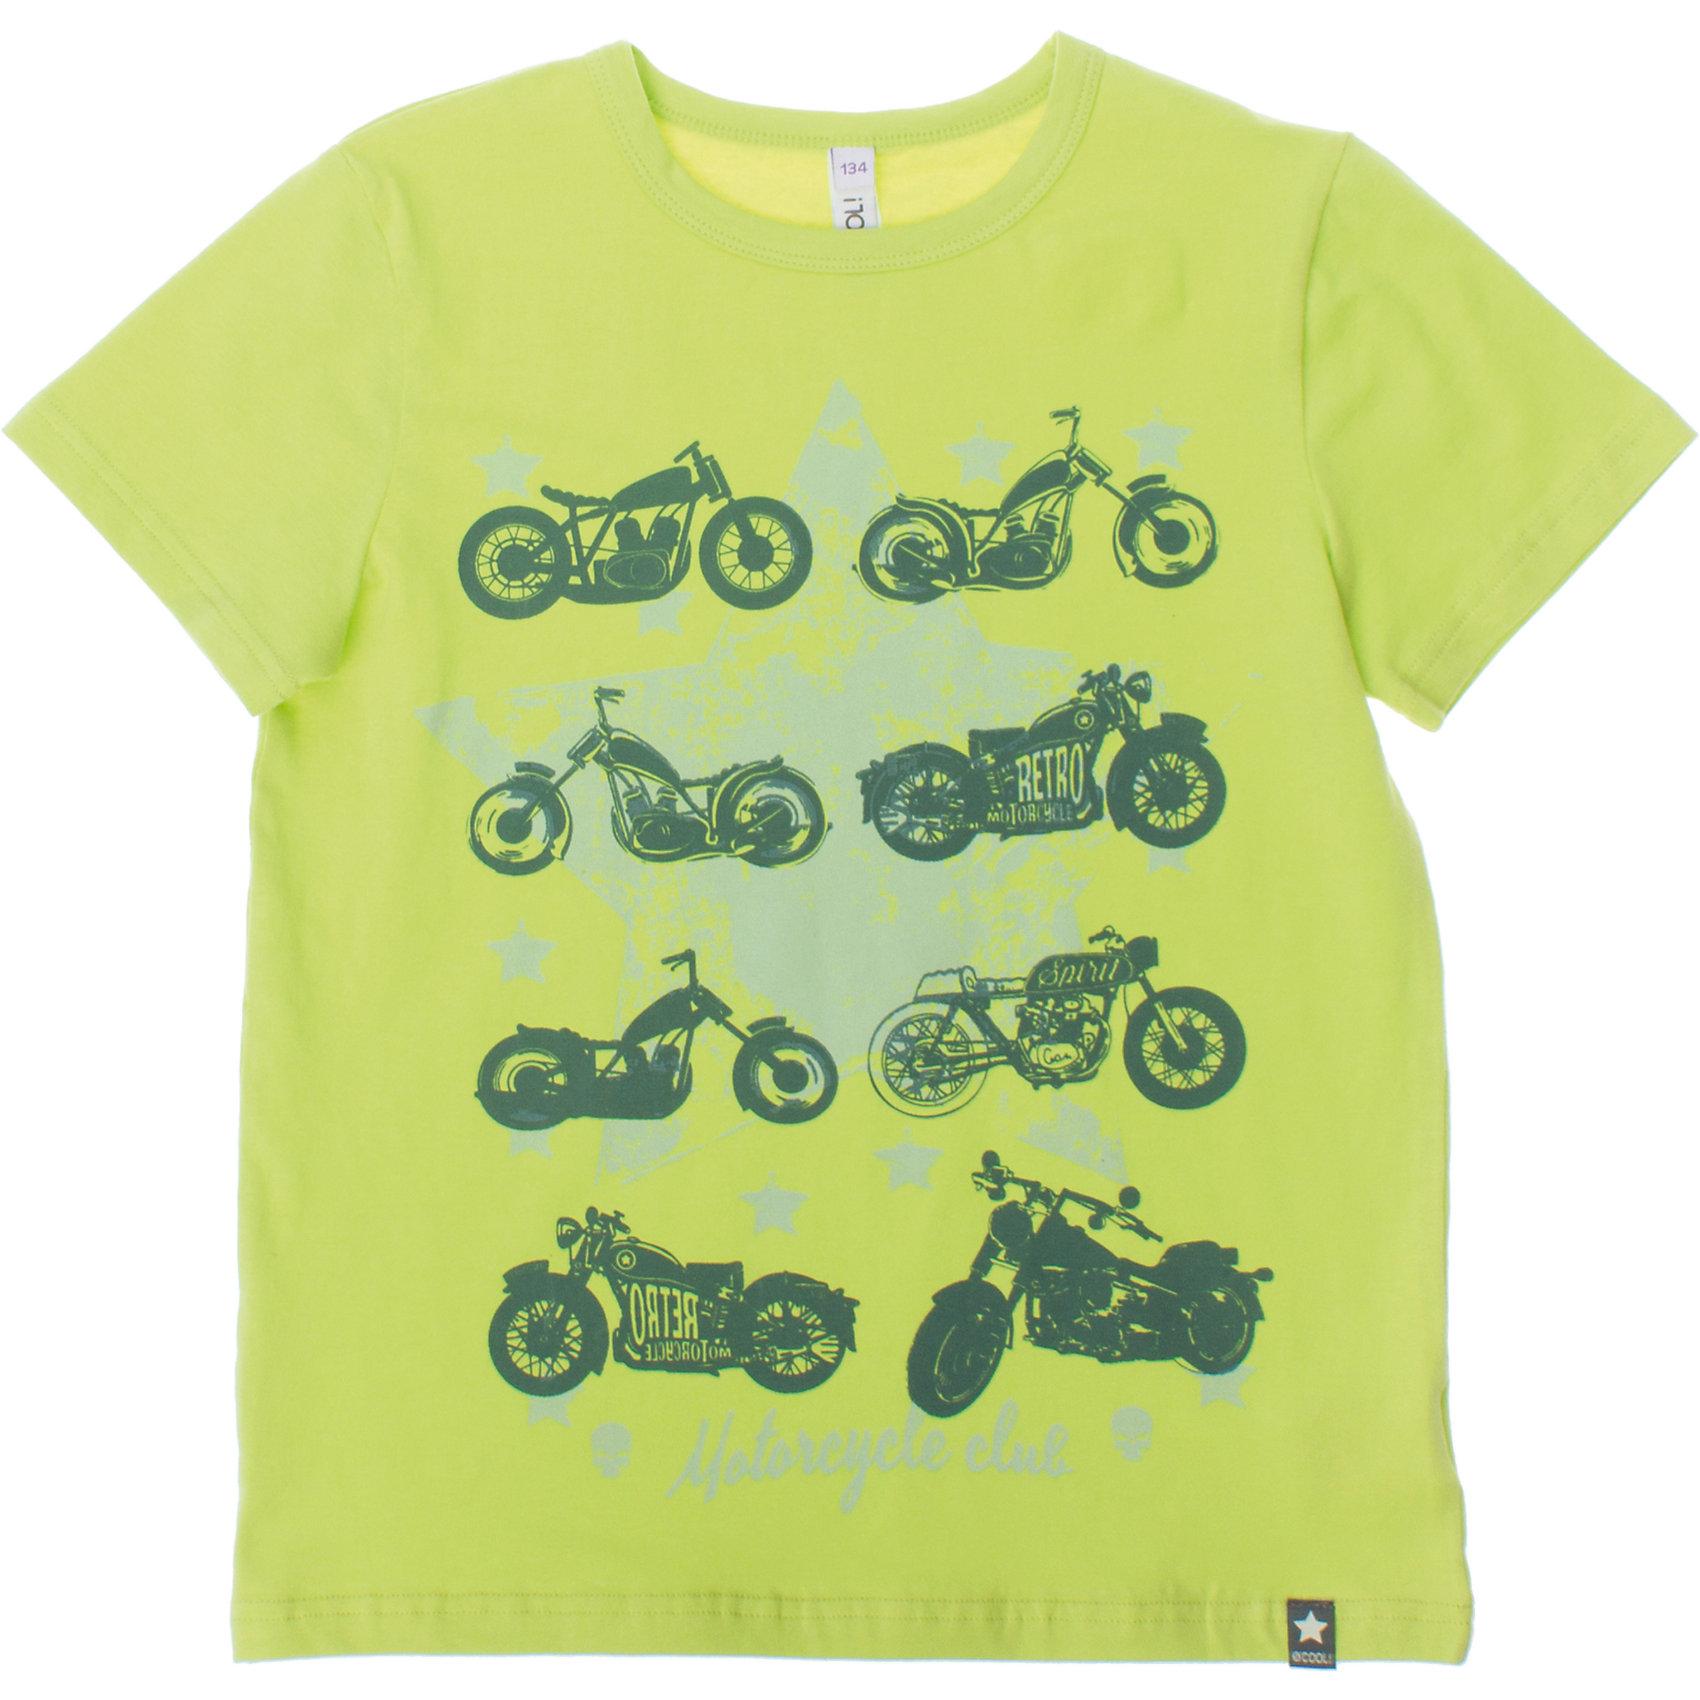 Футболка для мальчика ScoolФутболки, поло и топы<br>Мягкая хлопковая футболка с мотоциклами. Стильный серо-зеленый цвет. Воротник на мягкой резинке. Состав: 95% хлопок, 5% эластан<br><br>Ширина мм: 199<br>Глубина мм: 10<br>Высота мм: 161<br>Вес г: 151<br>Цвет: серый<br>Возраст от месяцев: 132<br>Возраст до месяцев: 144<br>Пол: Мужской<br>Возраст: Детский<br>Размер: 152,158,134,140,146,164<br>SKU: 4652785